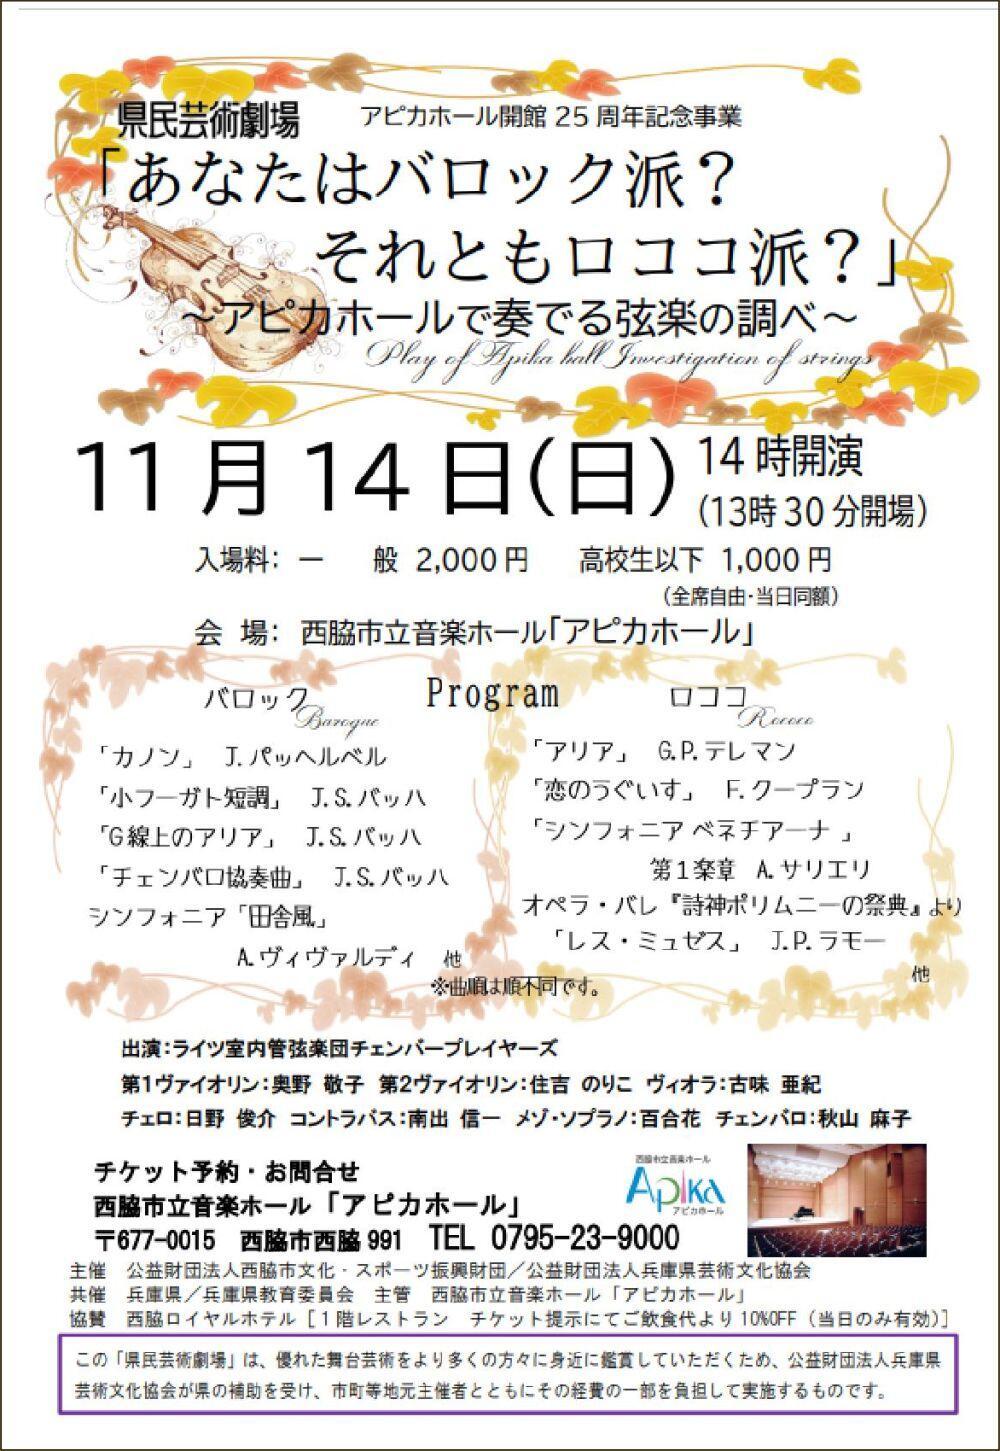 11/14 「あなたはバロック派?それともロココ派?」 ~アピカで奏でる弦楽の調べ~:アピカホール